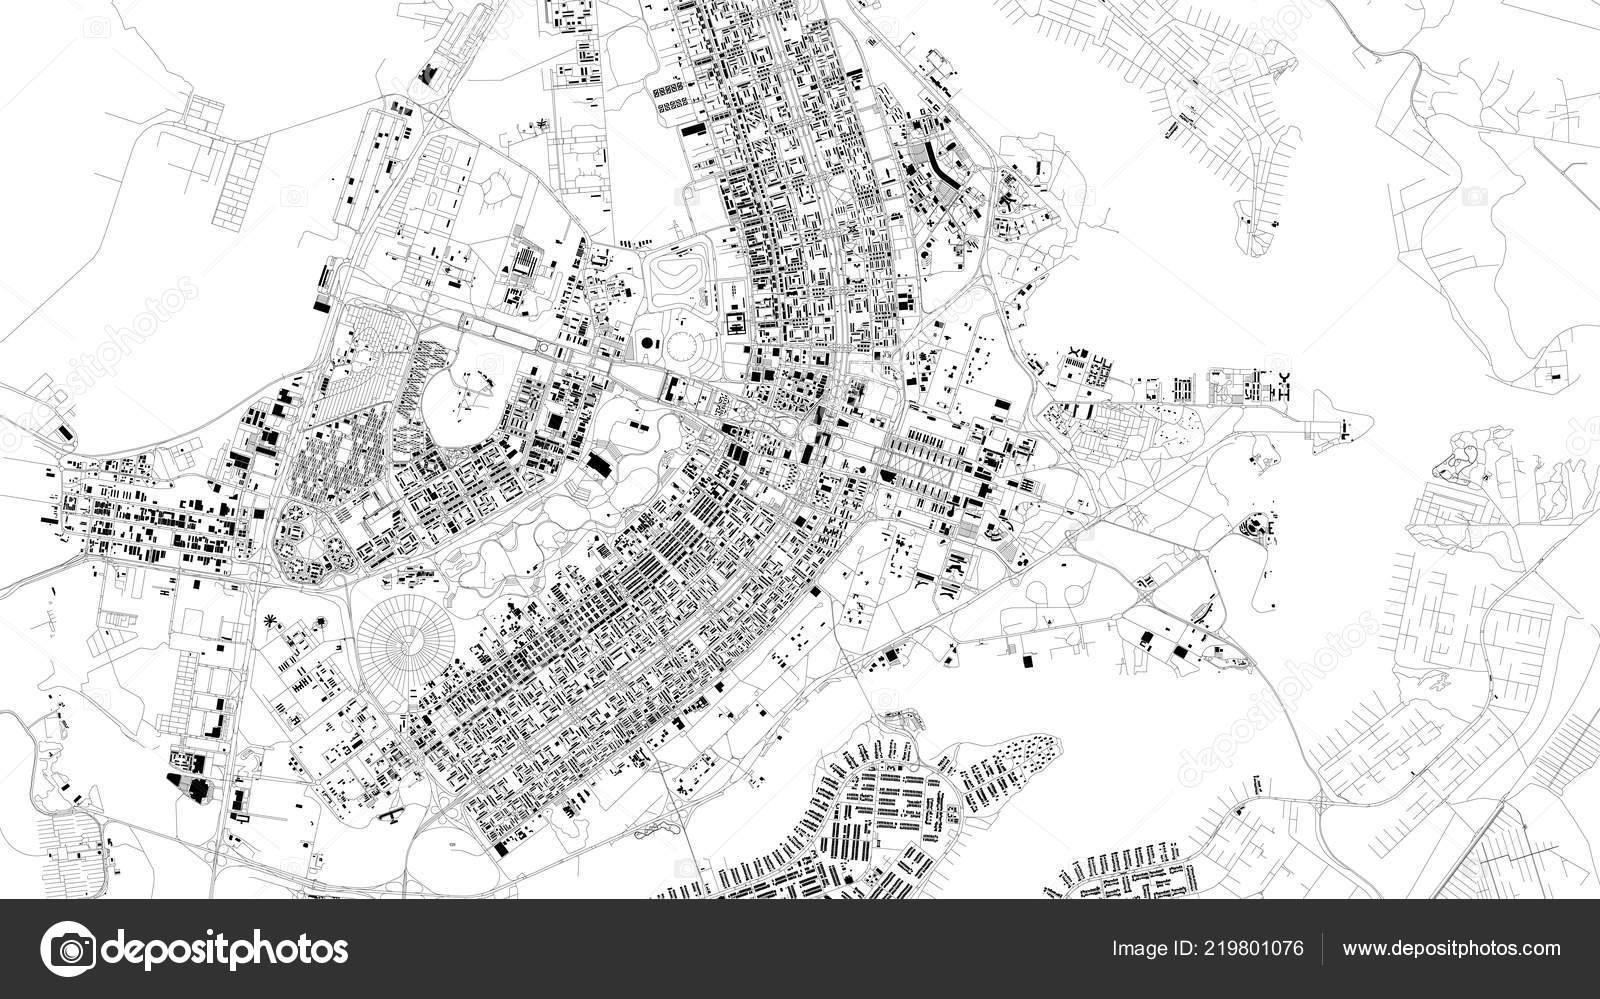 Carte Bresil Satellite.Carte Satellite Rues Brasilia Bresil Ville Plan Acces Centre